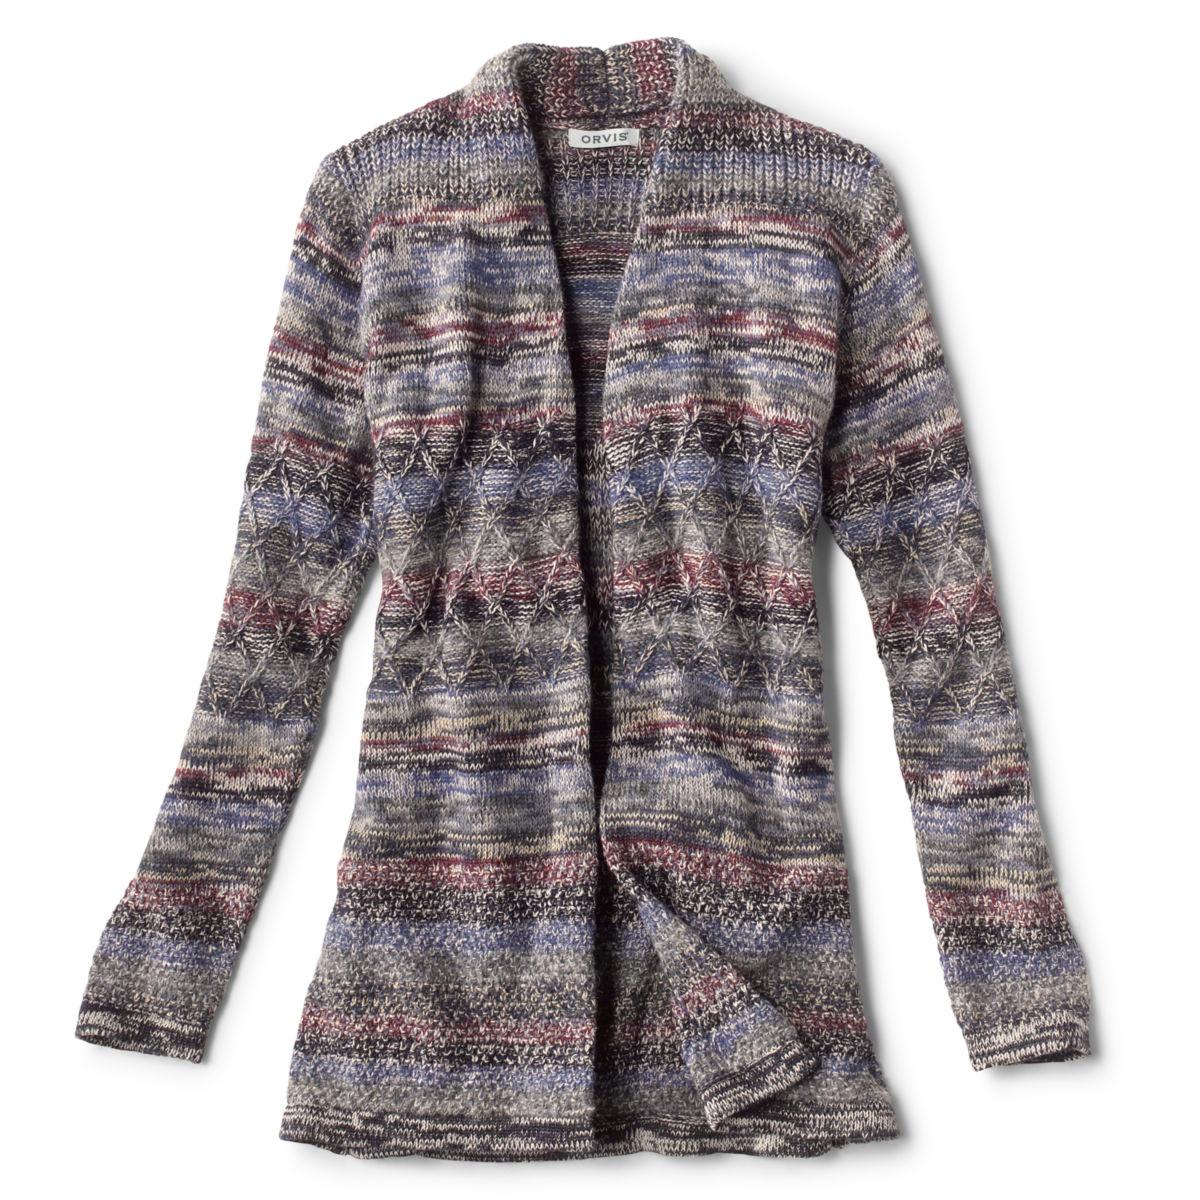 Alpaca-Blend Blanket Cardigan Sweater - BLUE MULTIimage number 0